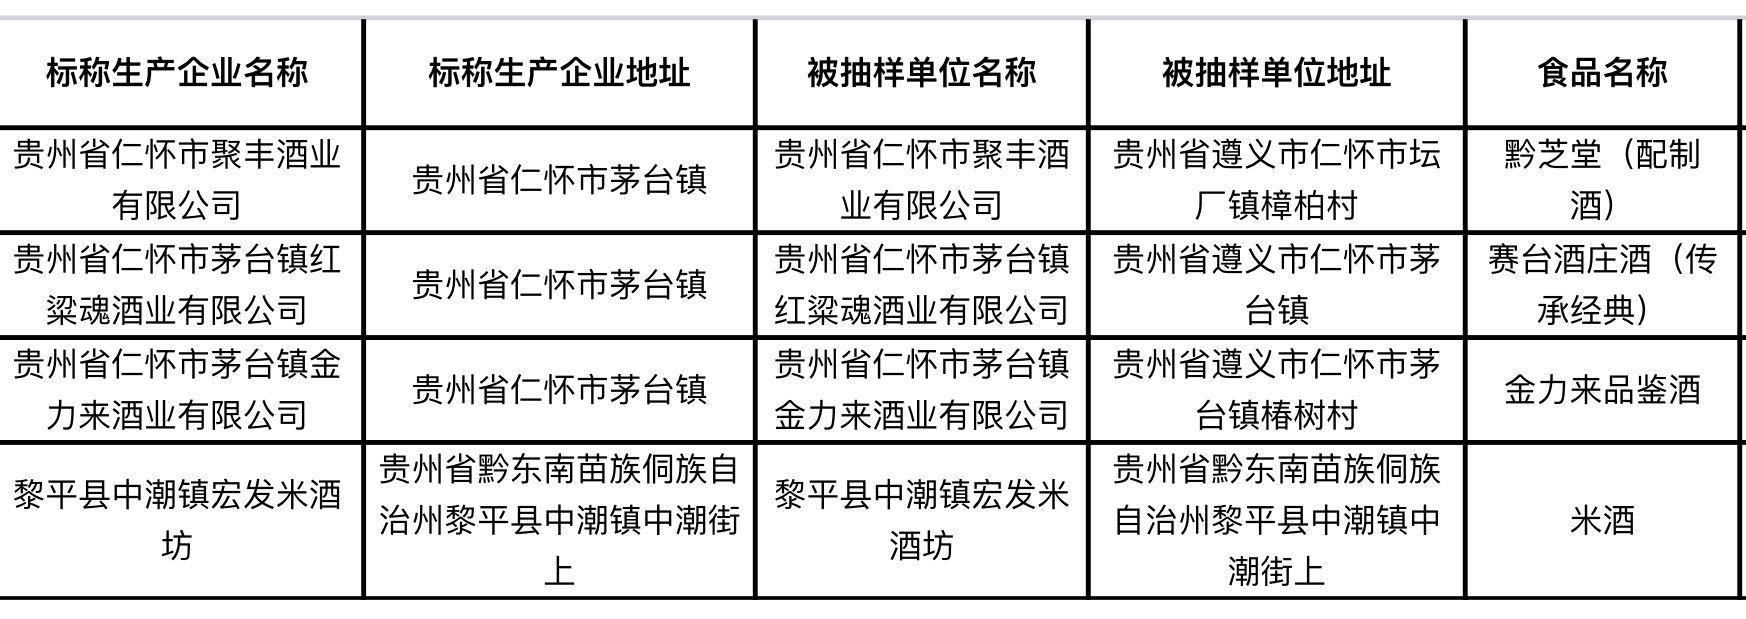 """一周酒讯 贵州白酒交易所被罚;葡萄酒进口暂时""""停摆""""图片"""